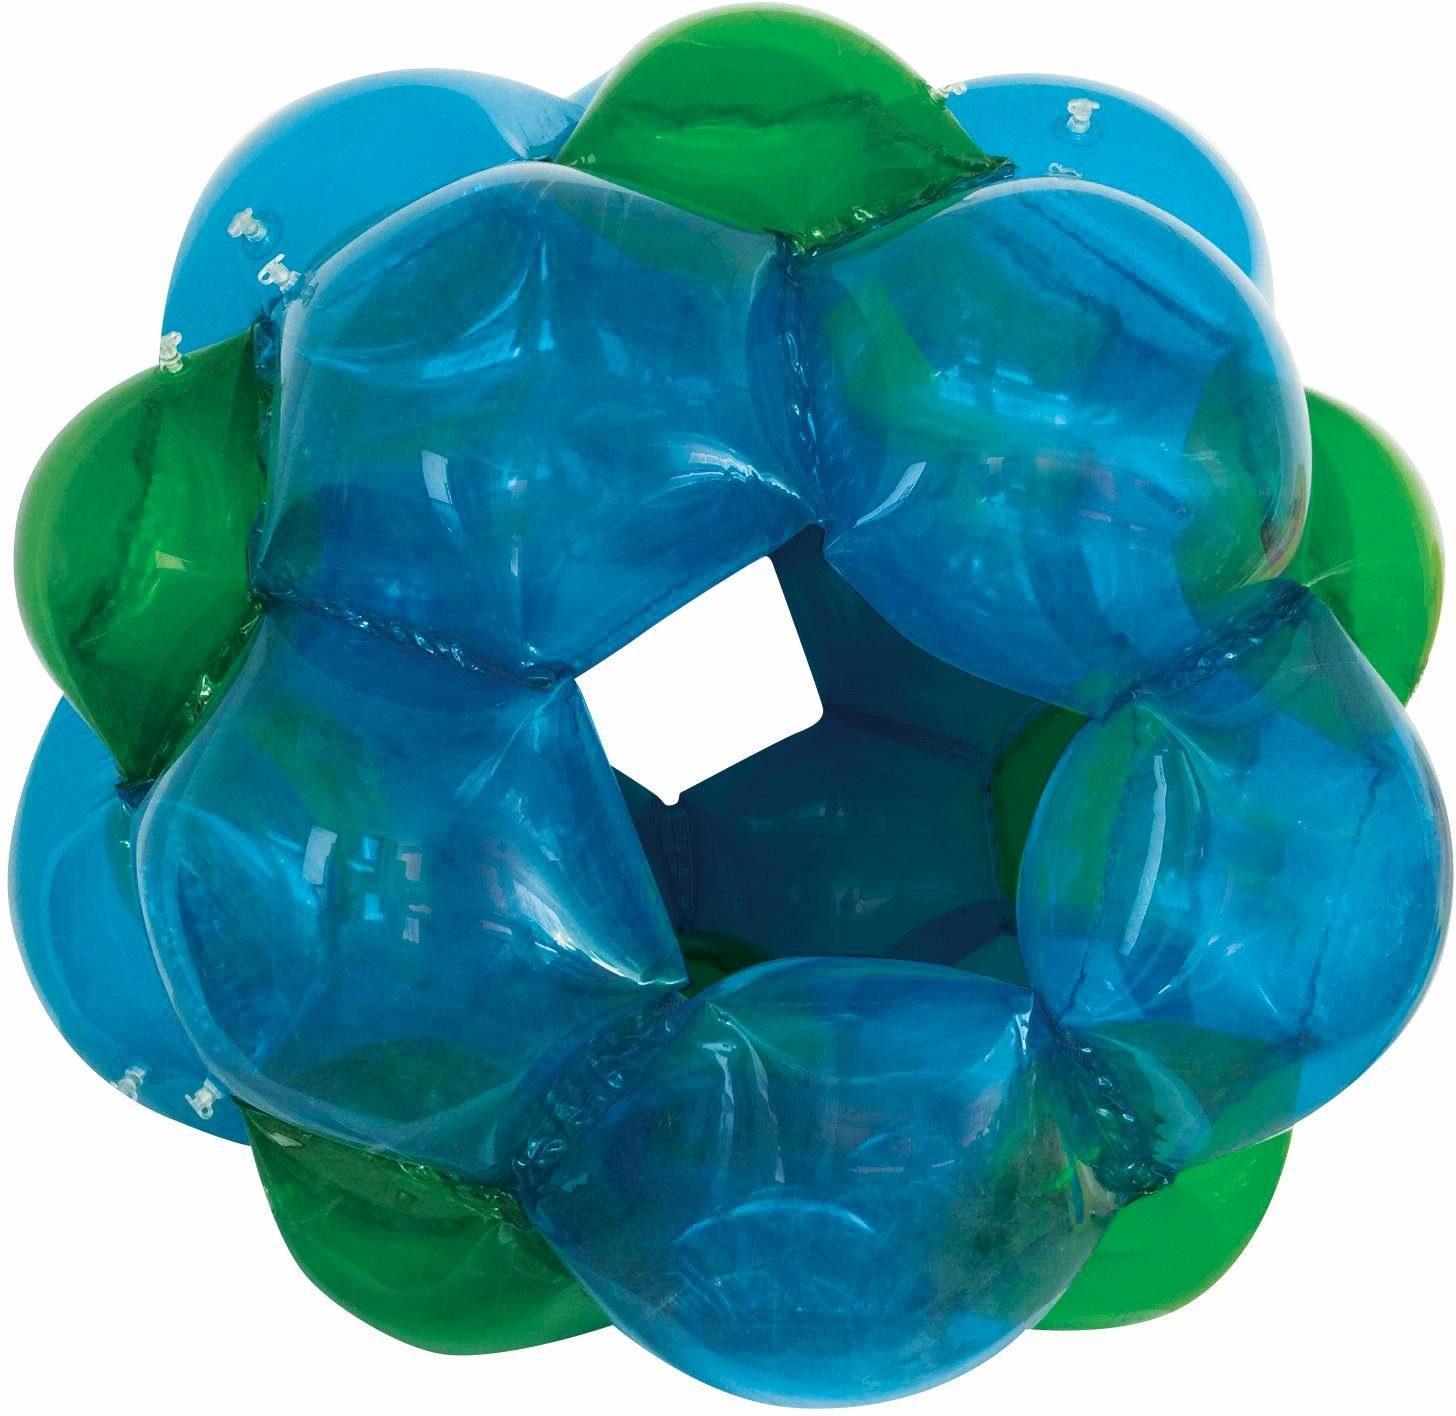 Lexibook Outdoor Spielball, »Riesiger aufblasbarer Ball«